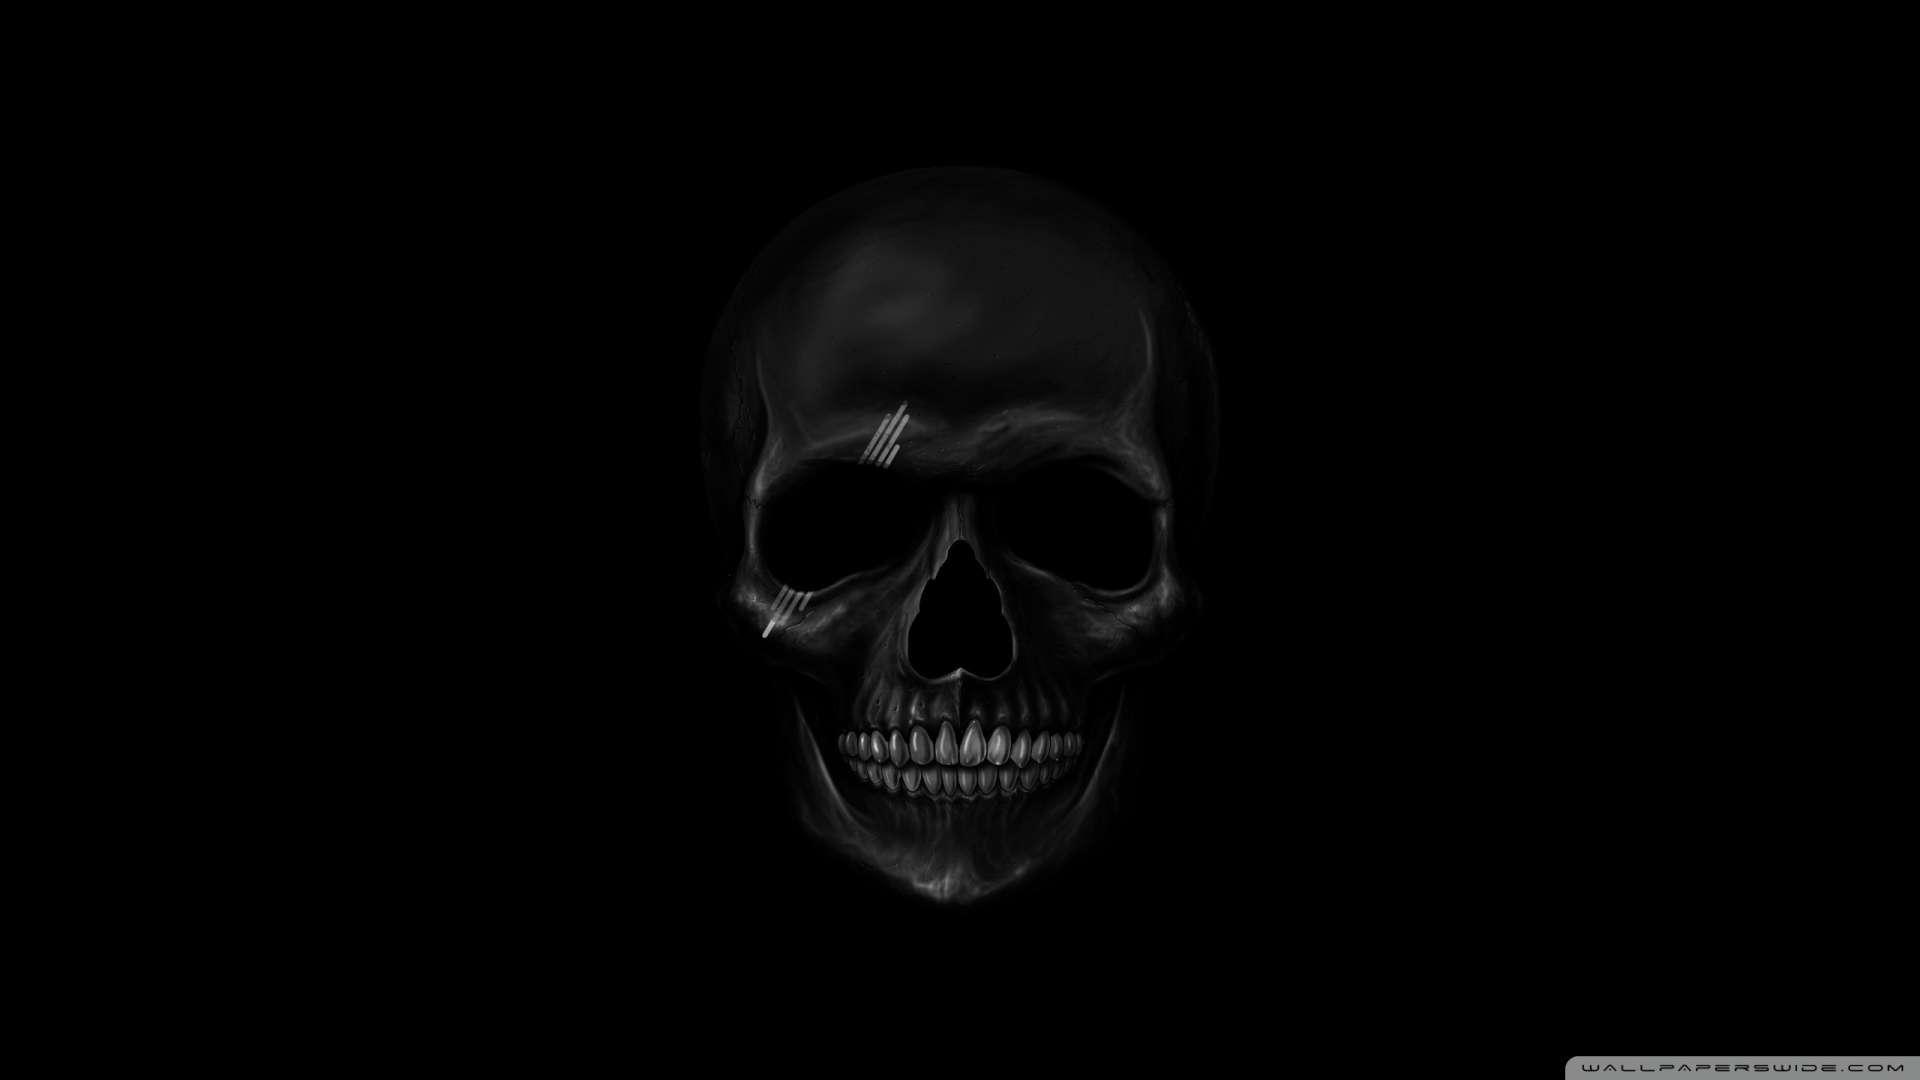 plain black wallpaper hd 1080p